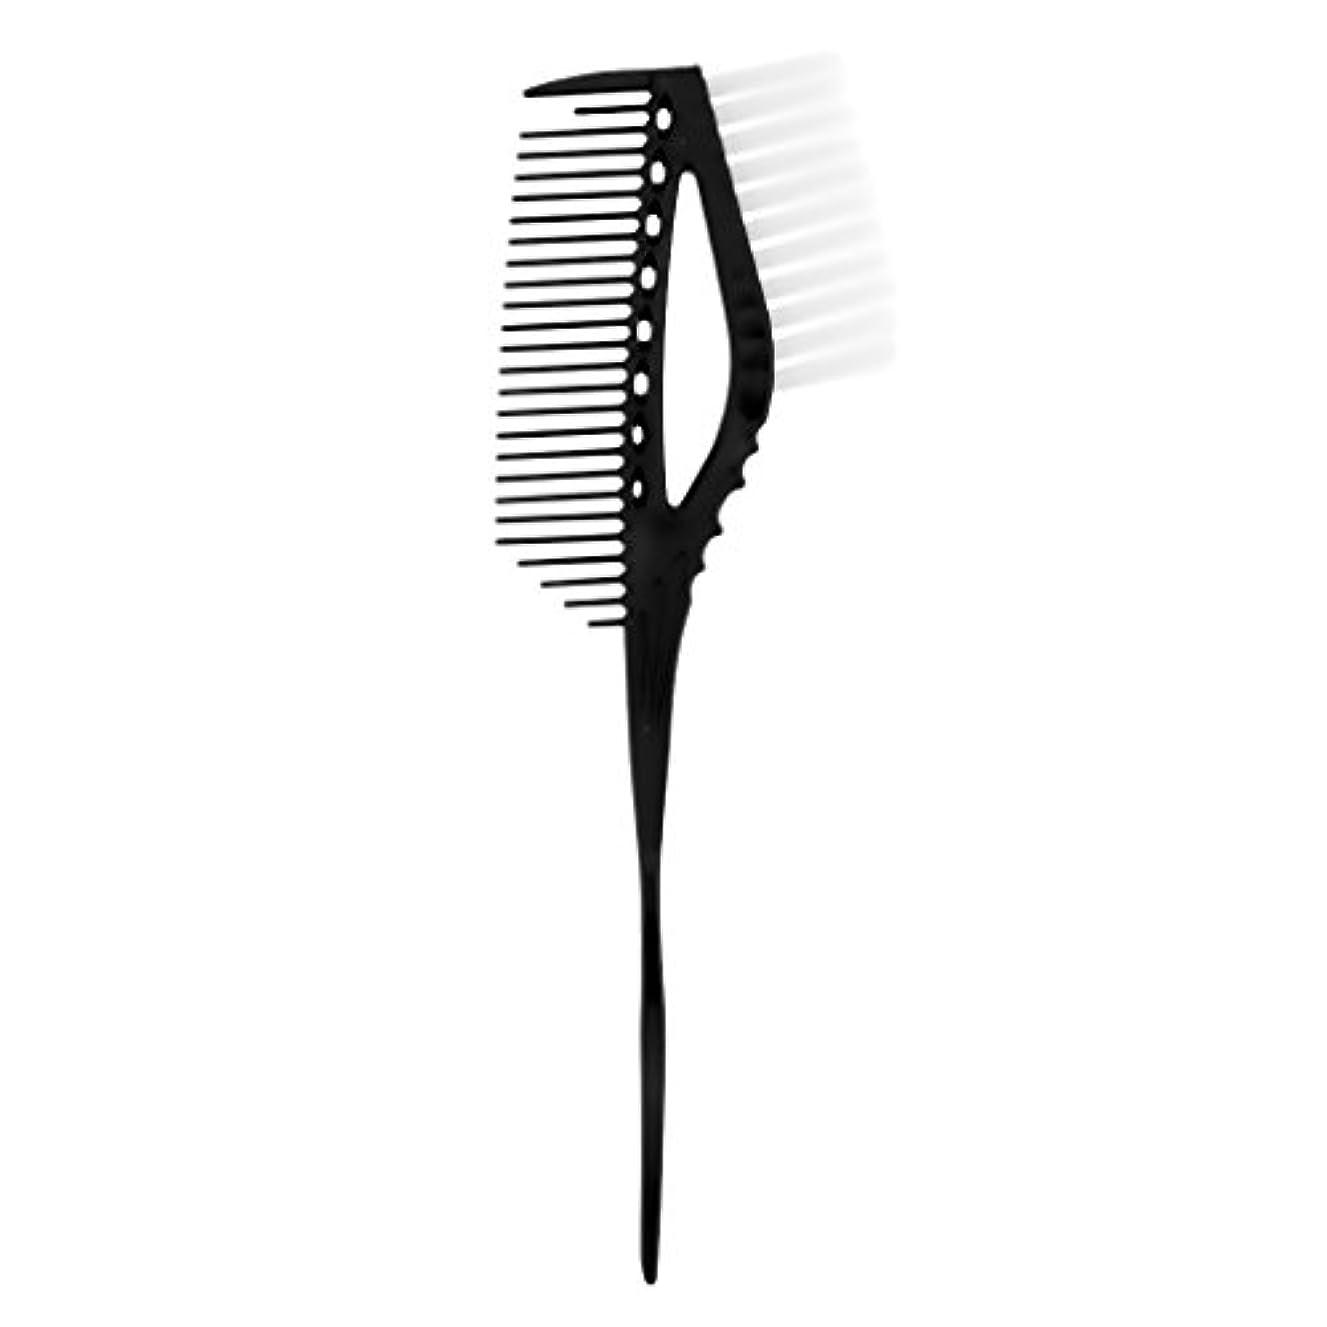 アコースタンドドックハイライト櫛 ヘアブラシ ヘアカラー ヘアスタイル 色合い 染めブラシ サロン 美容院 ミキシングブラシ 3色選べる - ブラック